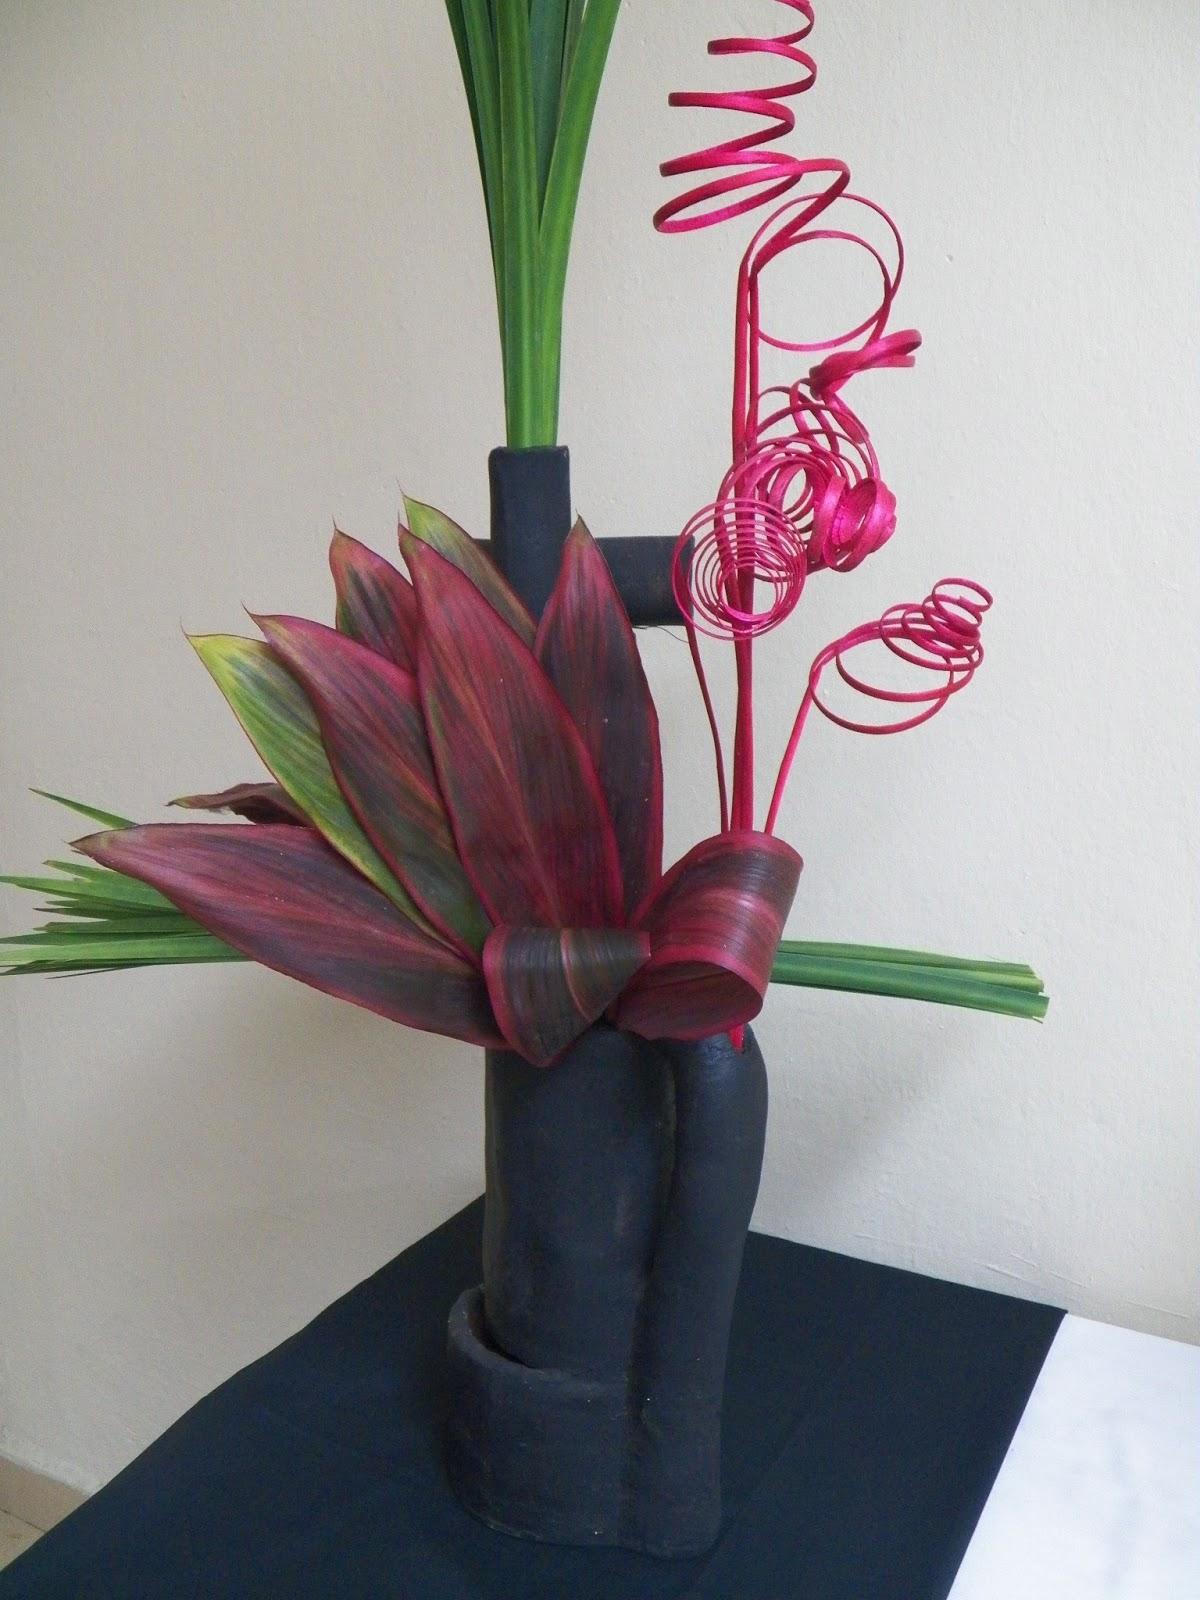 Arreglos florales creativos simposion de jueces en panam - Arreglos florales creativos ...